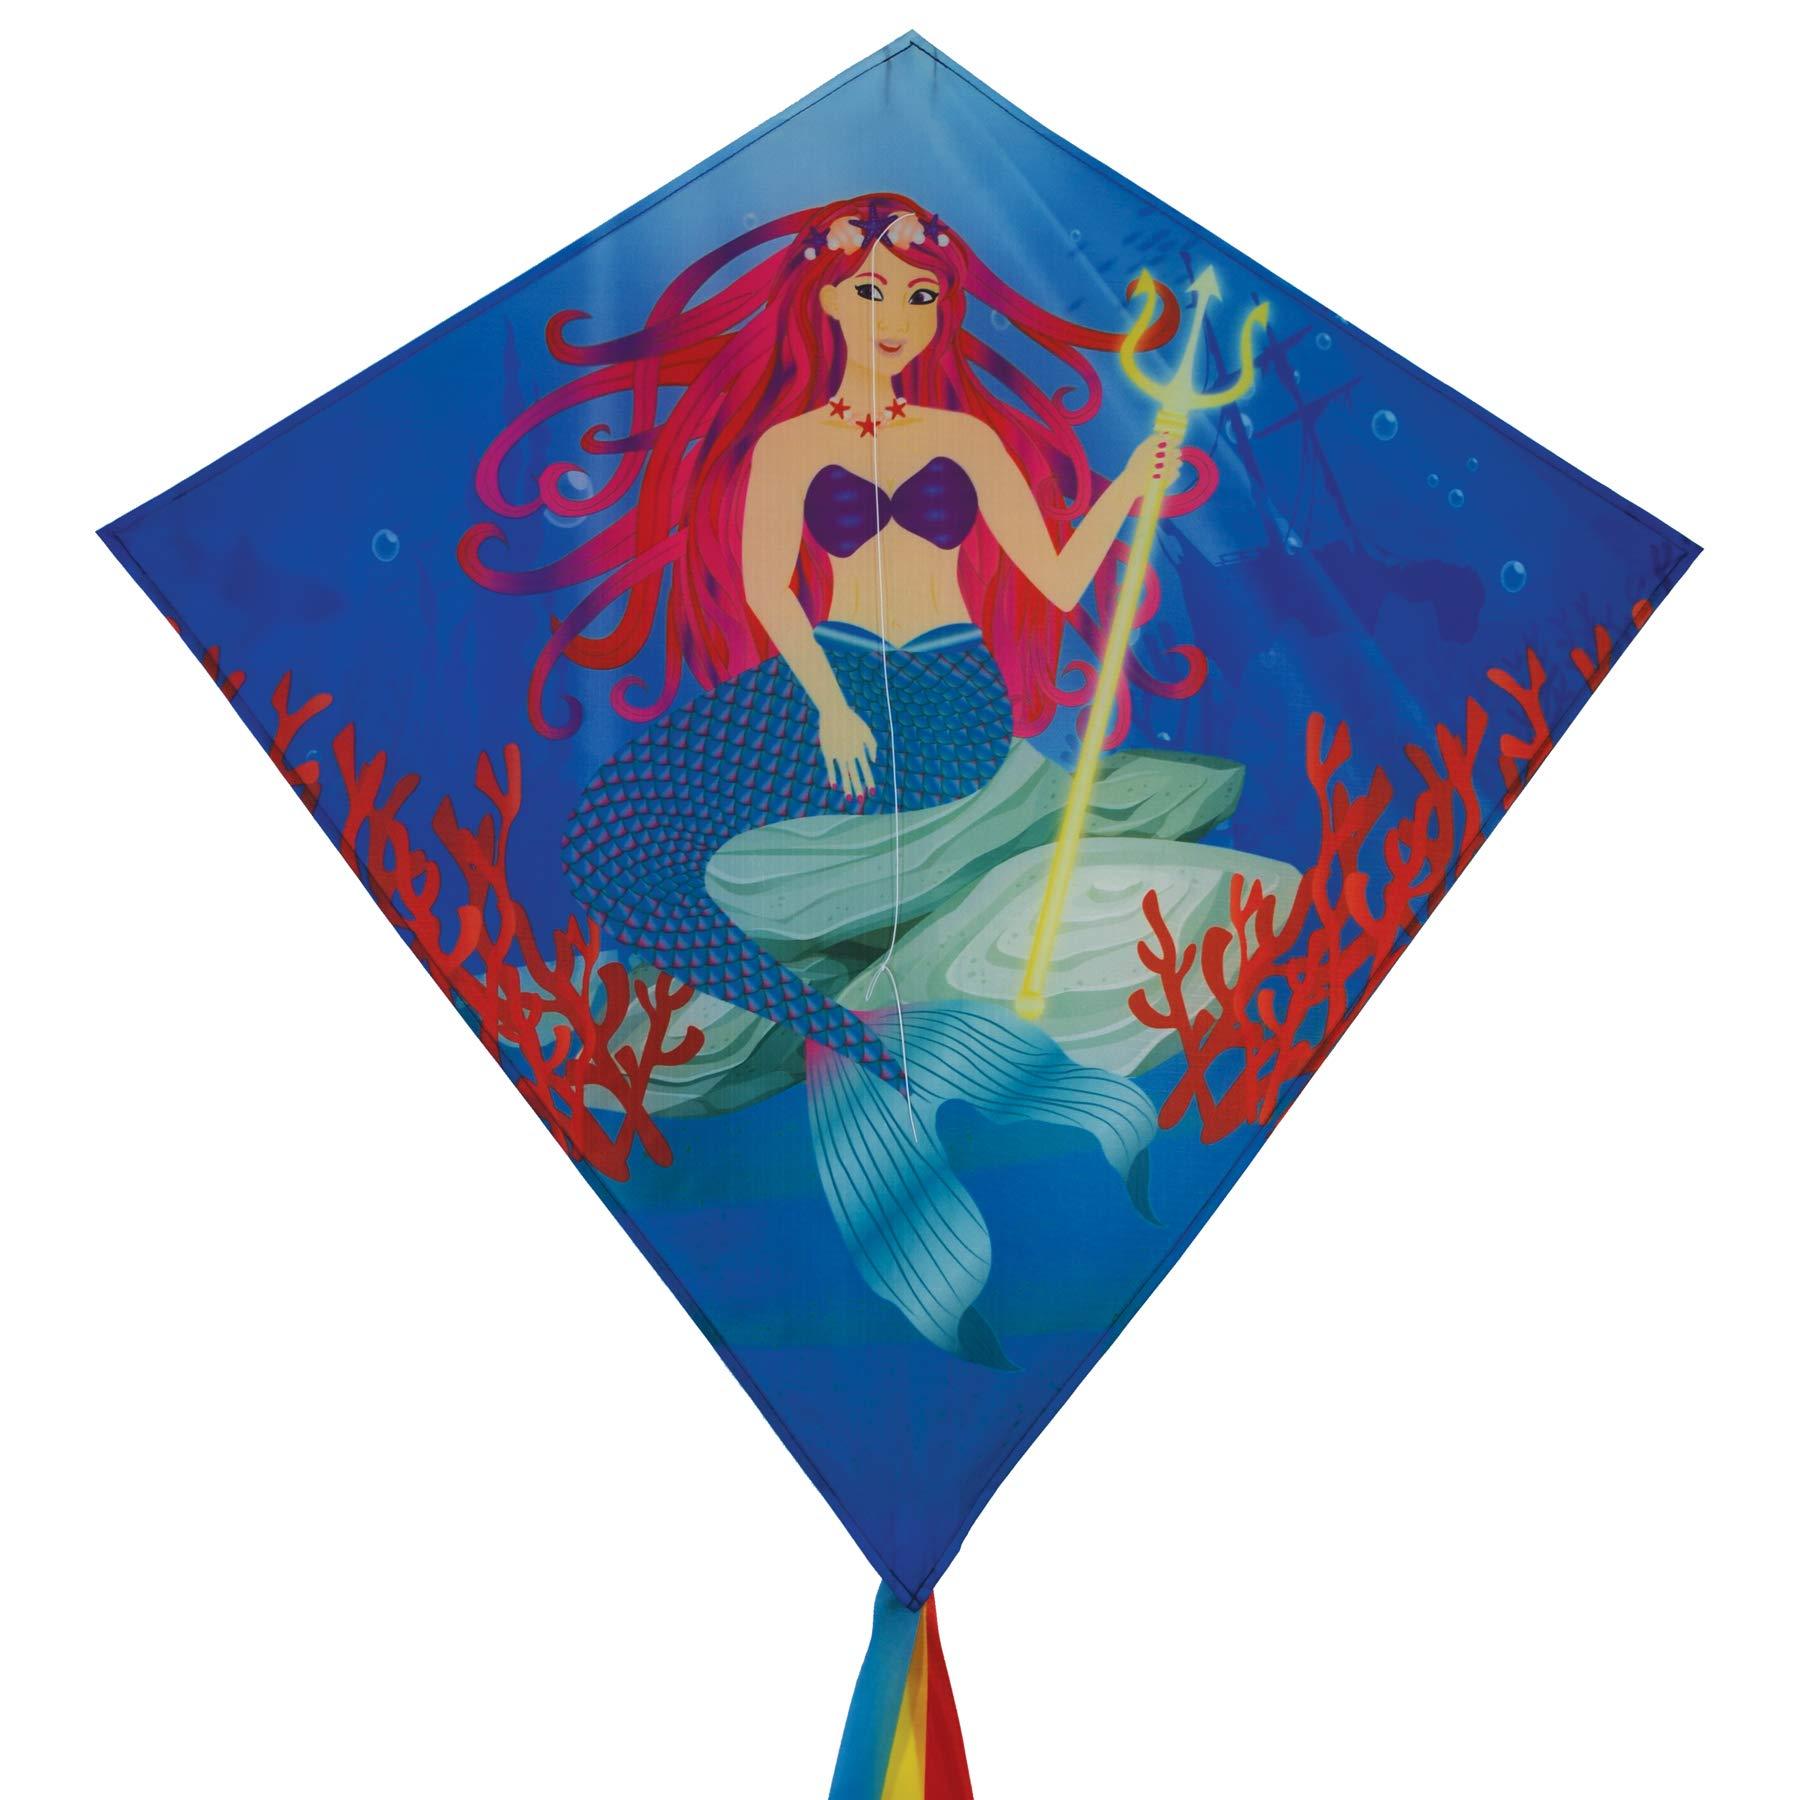 In the Breeze 3258 - Mermaid 30 Inch Diamond Kite - Fun, Easy Flying Mermaid Kite by In the Breeze